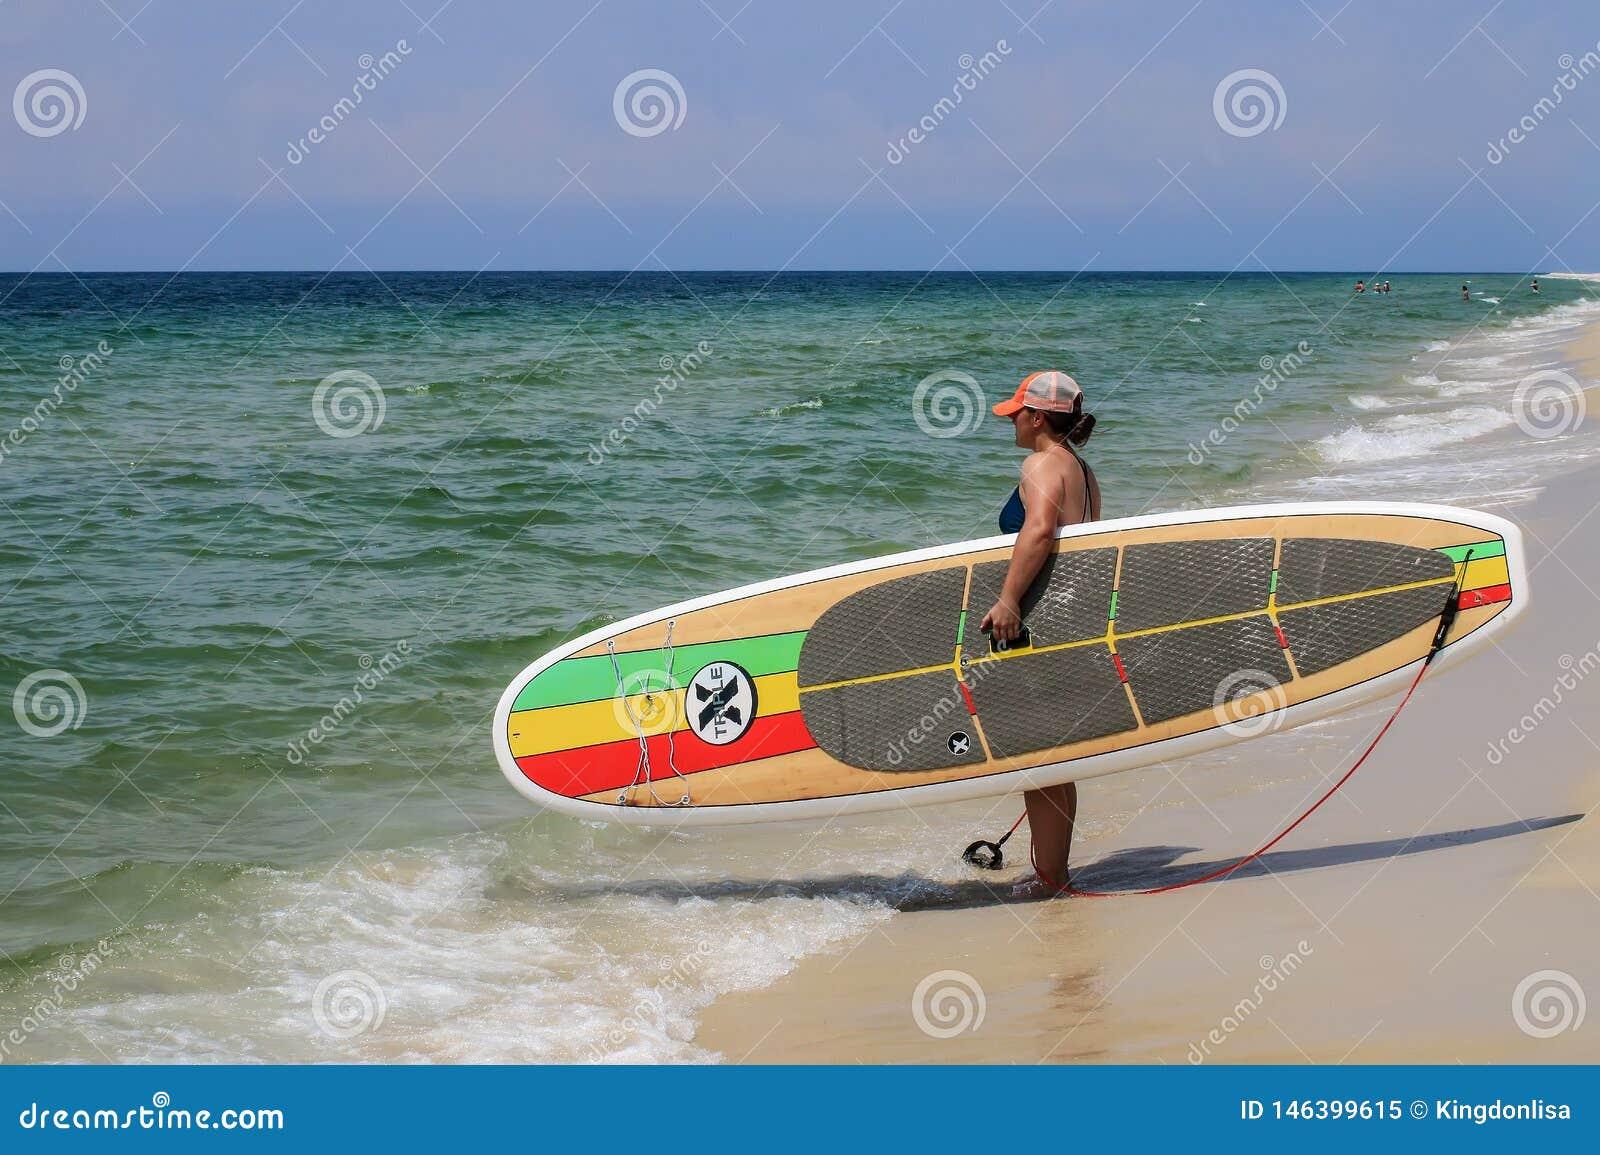 Τριπλός Χ Surfer πίνακας κουπιών εκμετάλλευσης στην παραλία